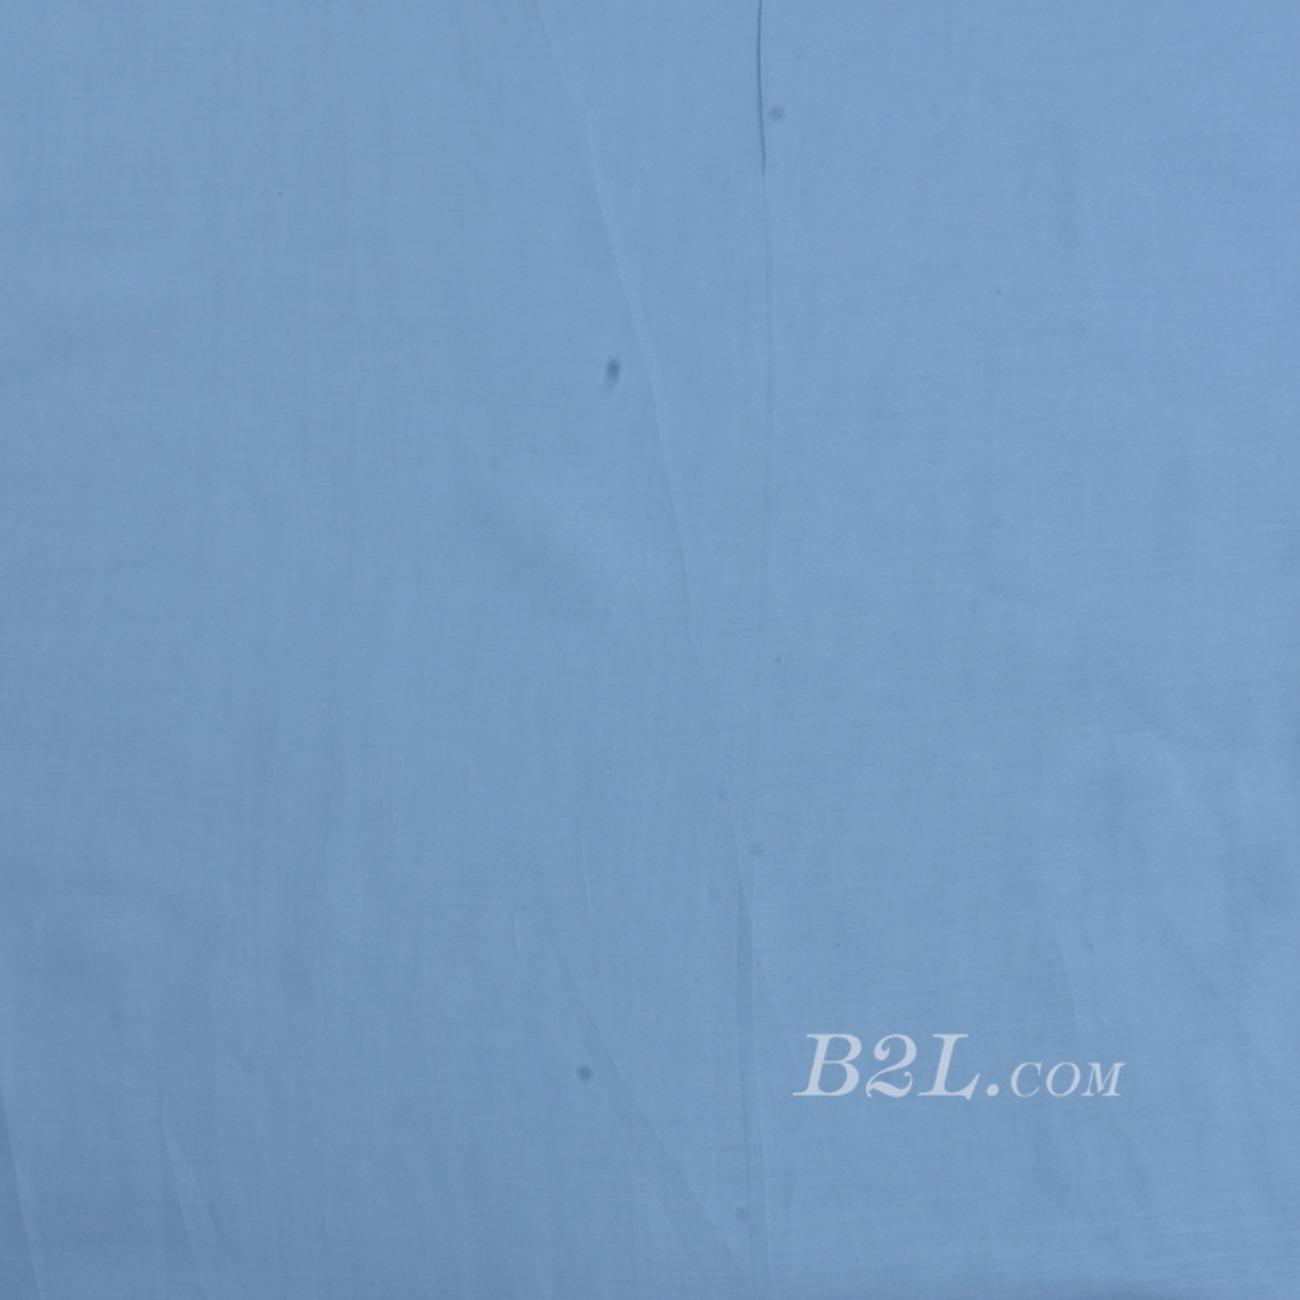 斜紋梭織素色面料春秋染色布薄款連衣裙襯衫面料柔軟短裙70724-10